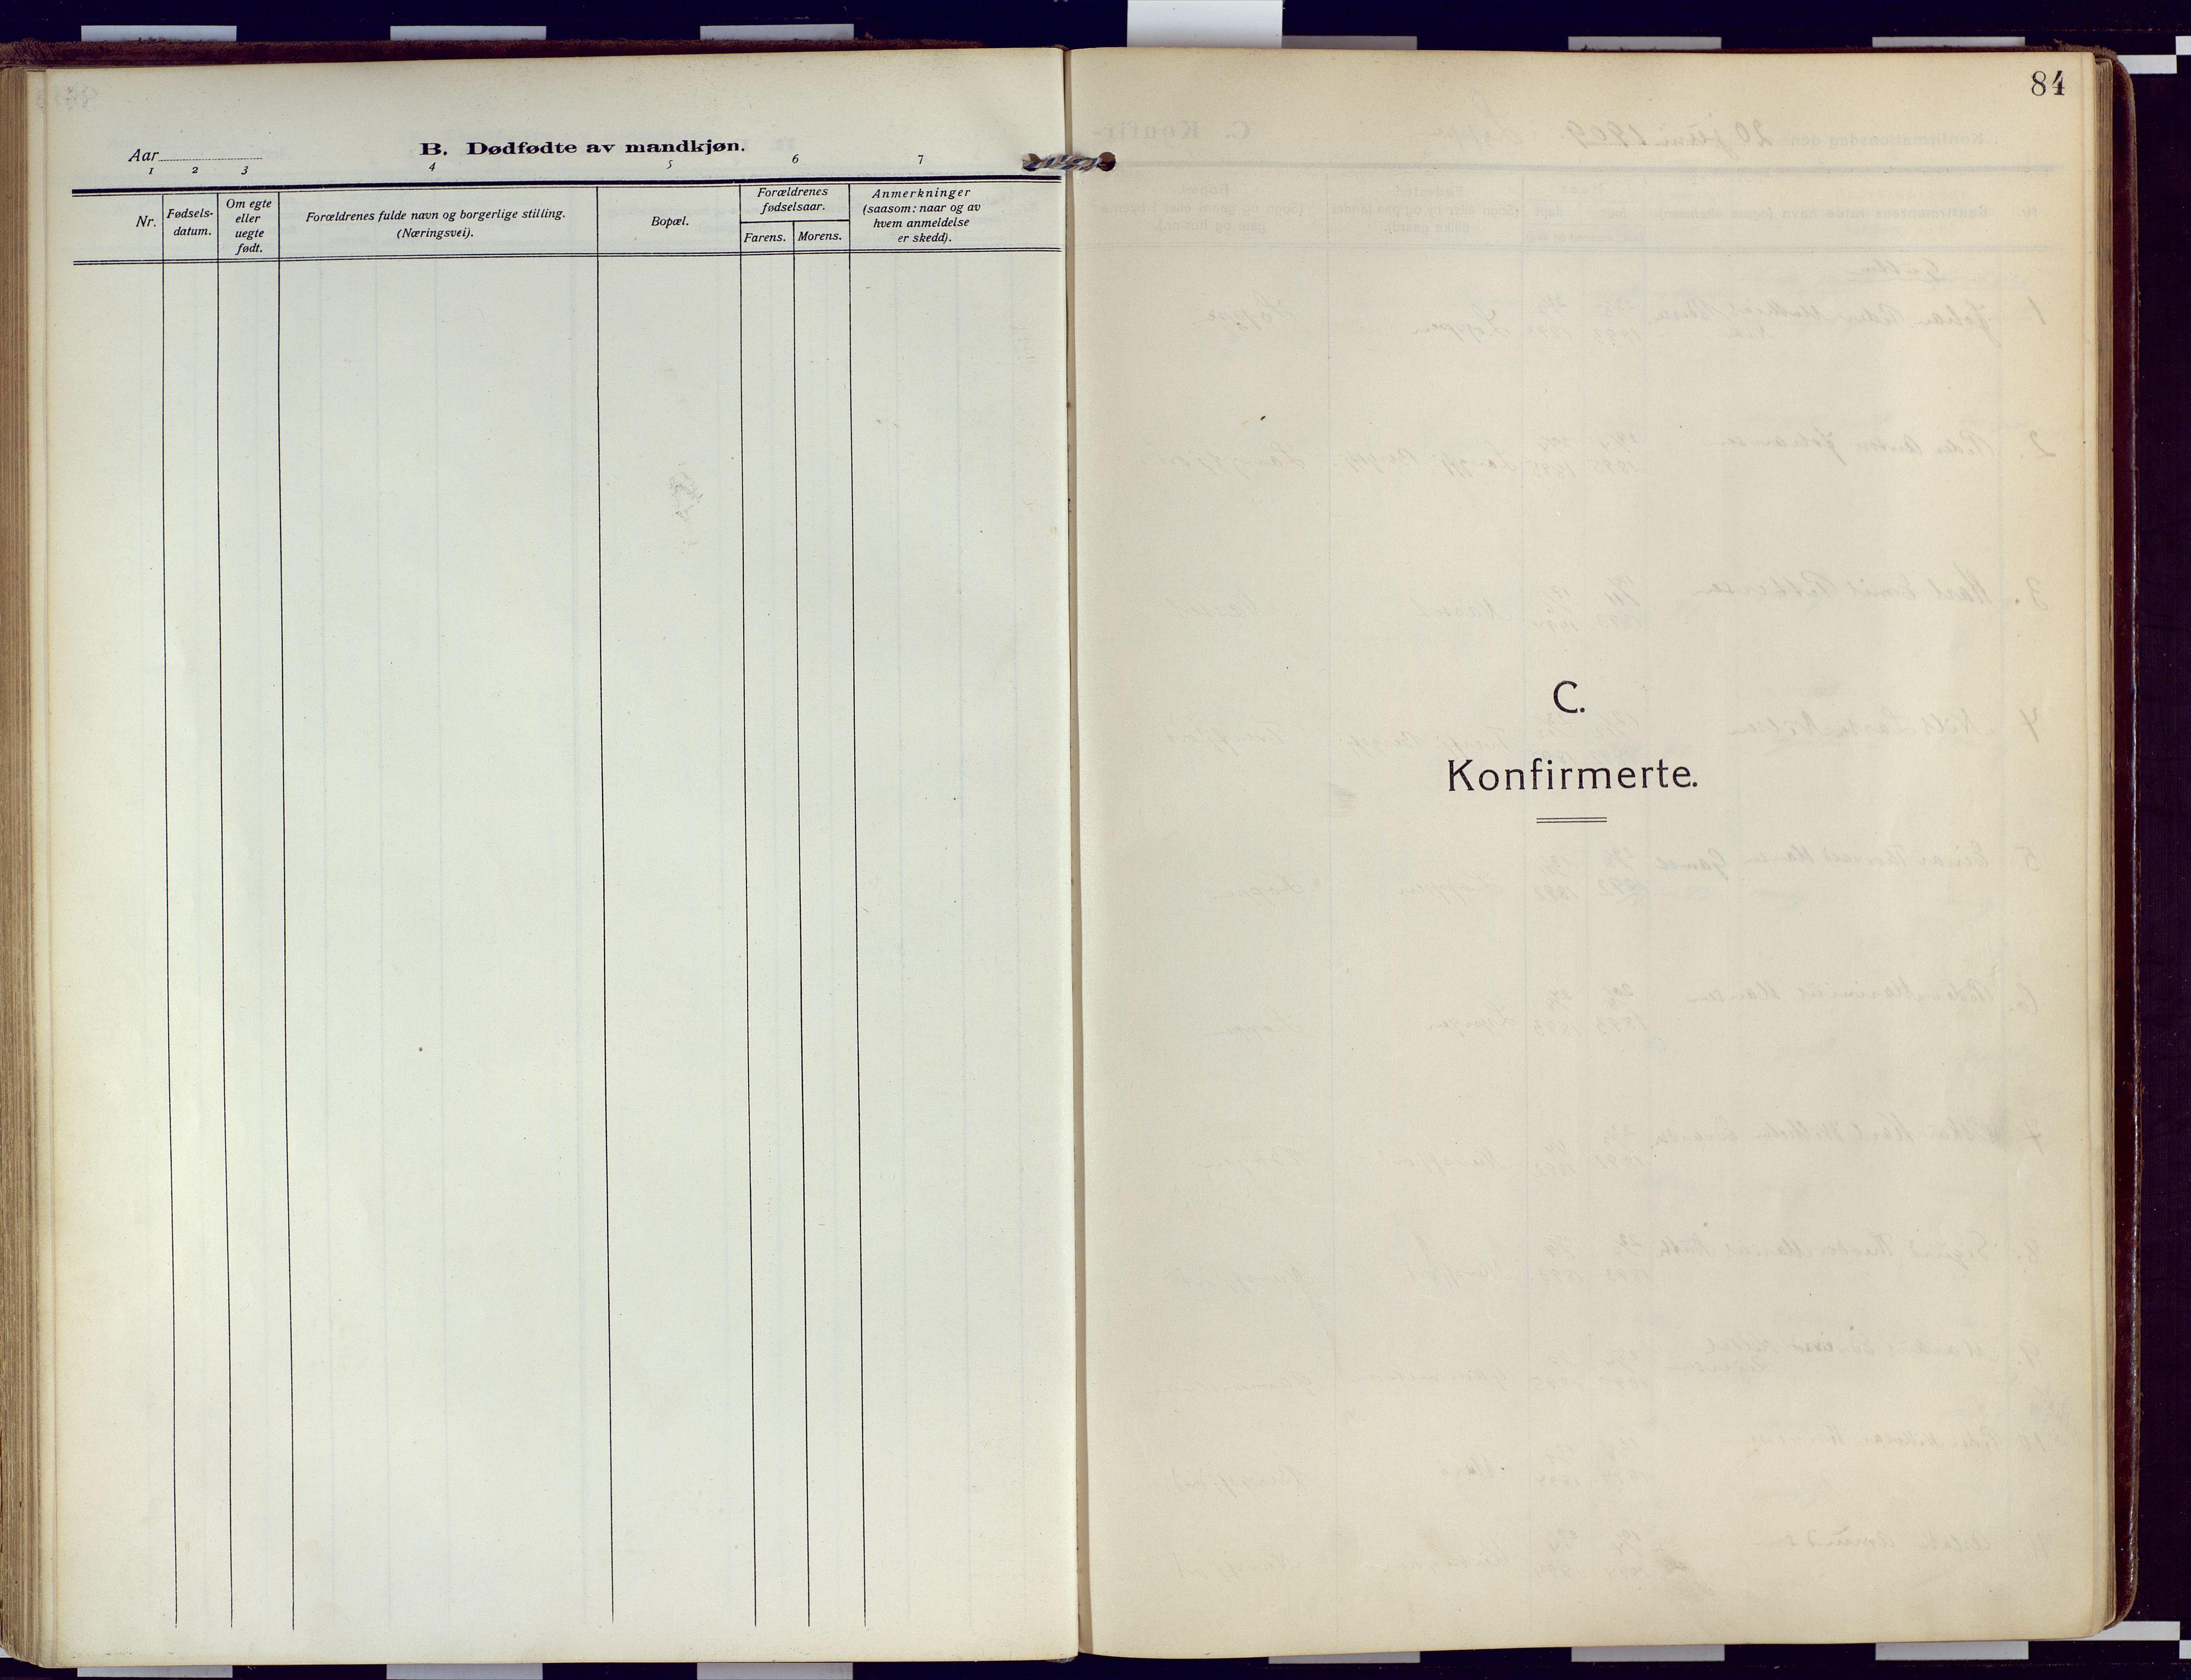 SATØ, Loppa sokneprestkontor, H/Ha/L0011kirke: Ministerialbok nr. 11, 1909-1919, s. 84